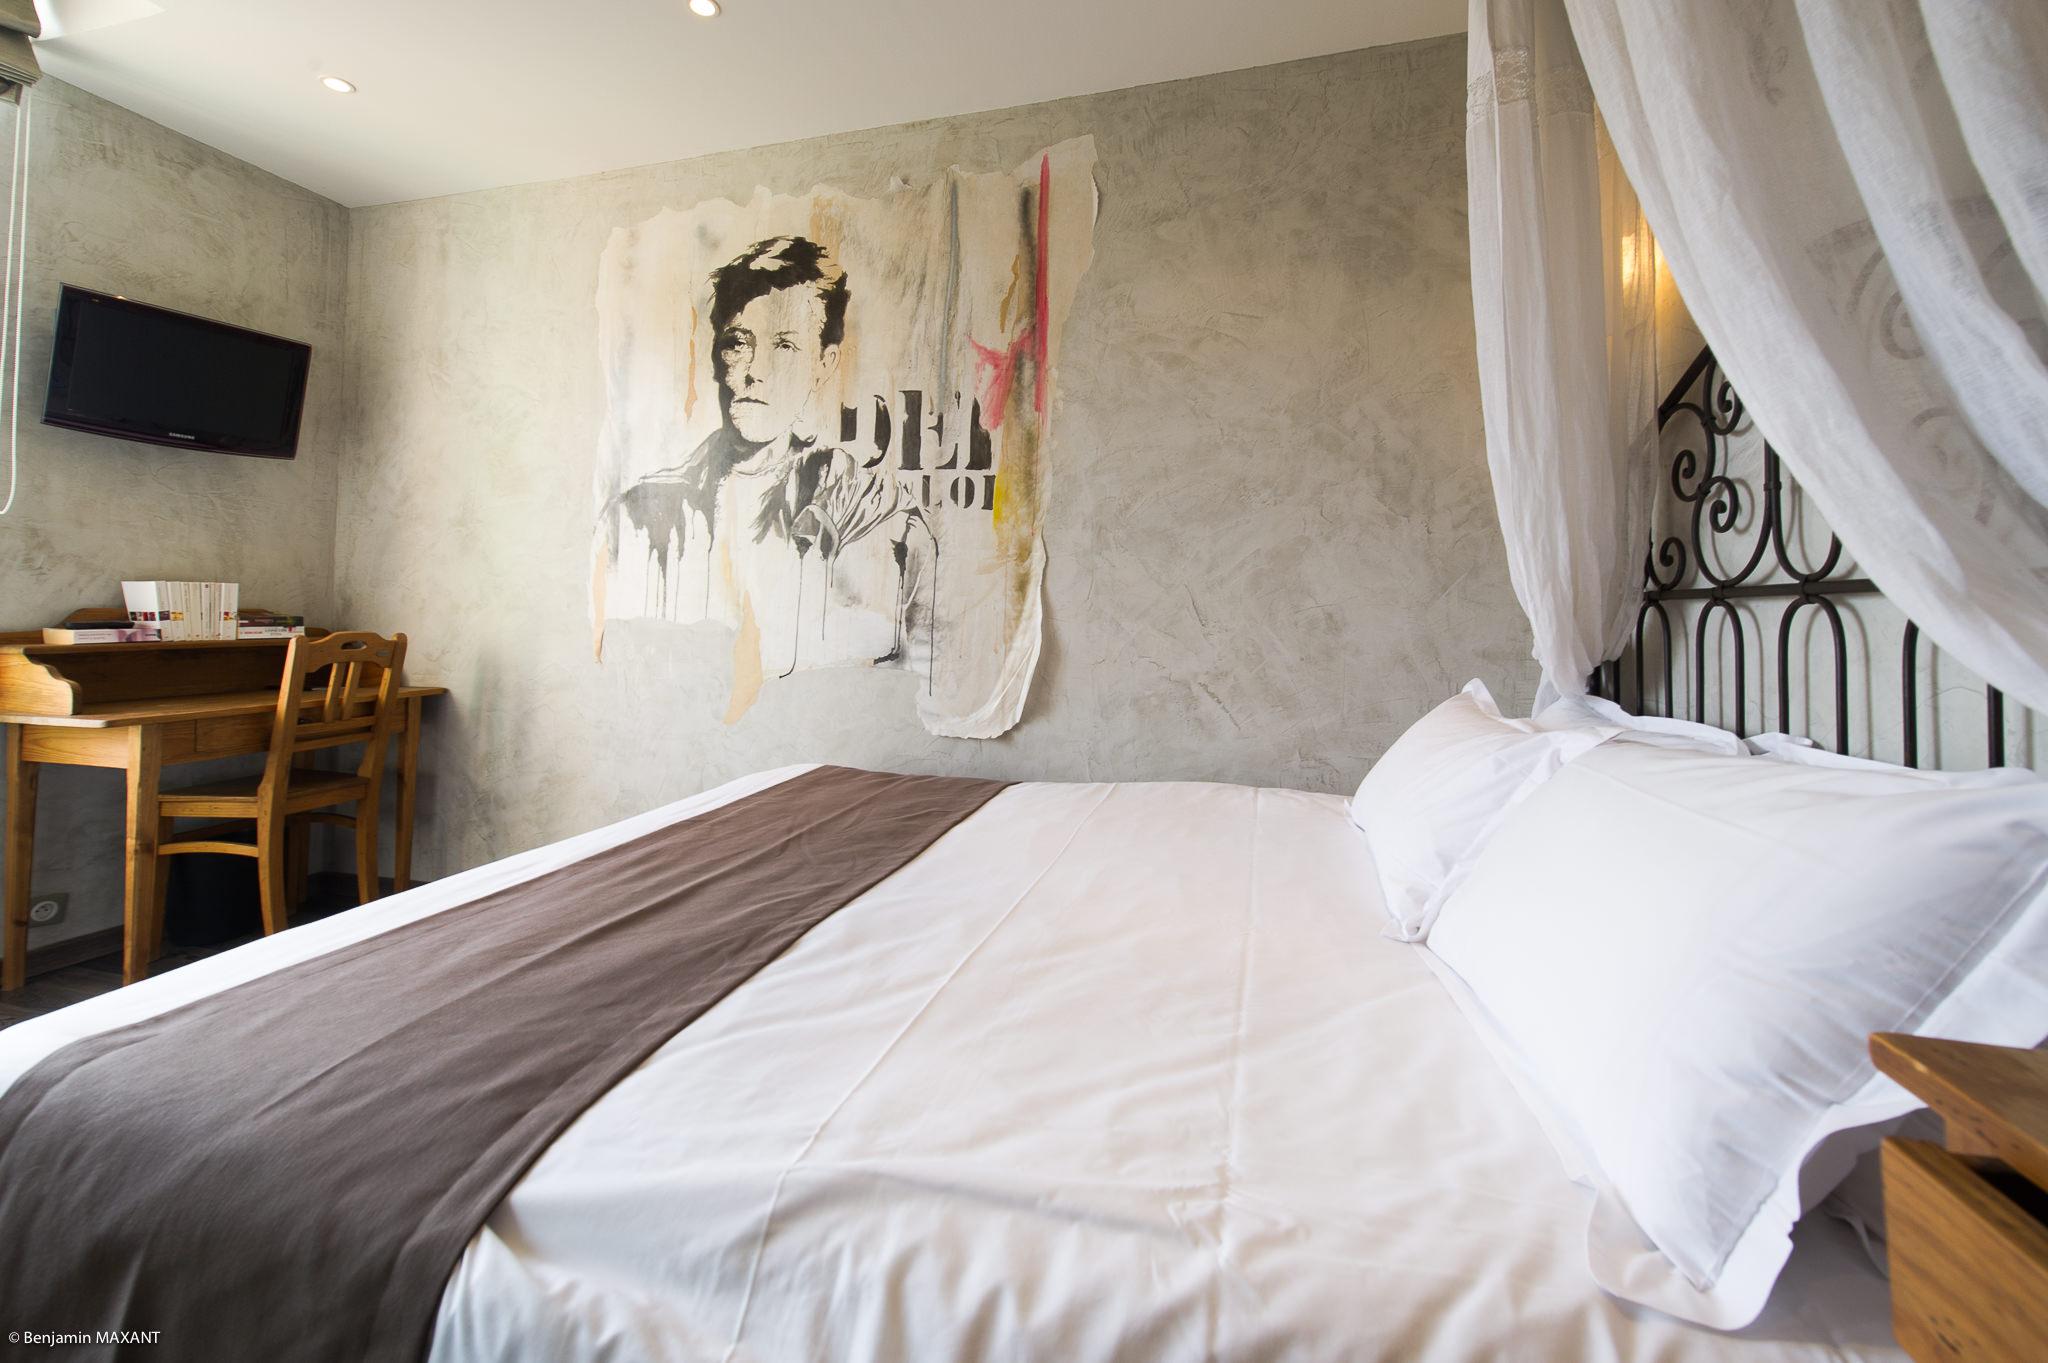 Reportage photo immobilier - Hôtel Idéal -